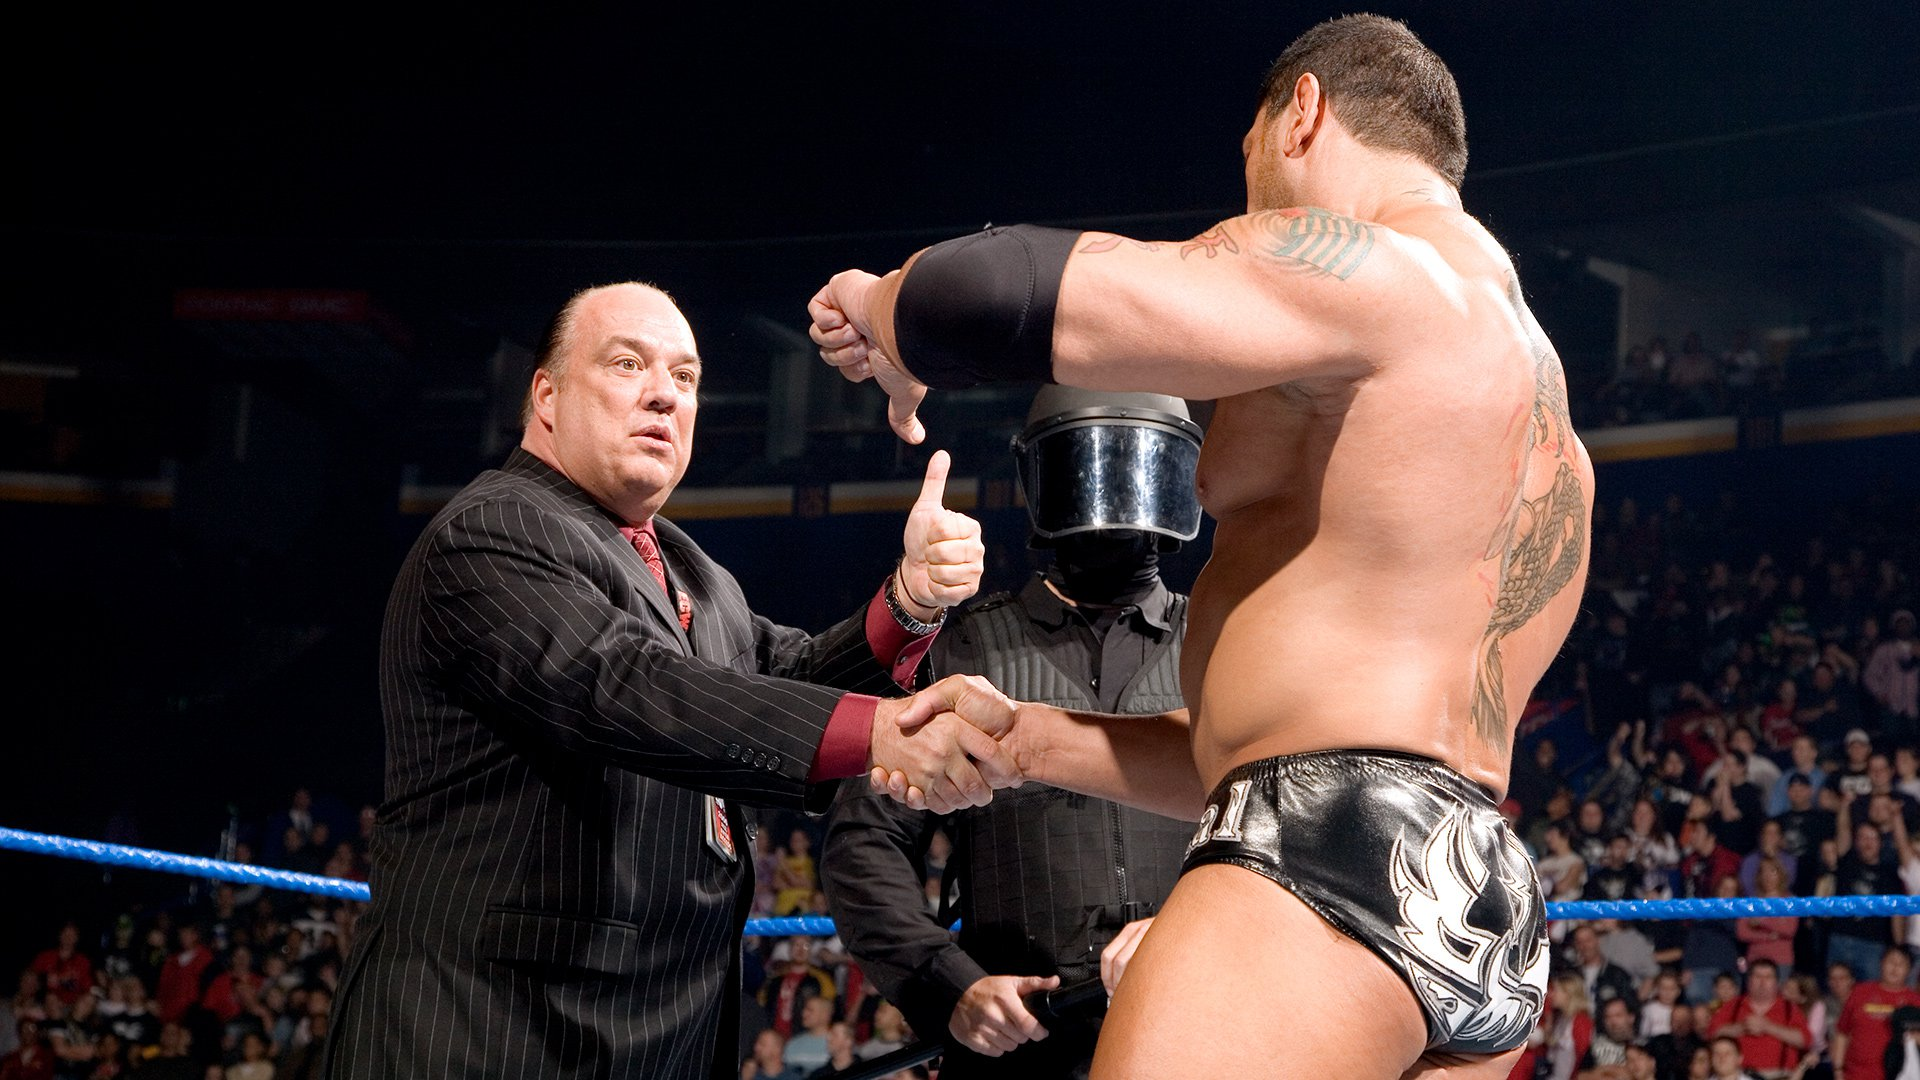 Paul Heyman's failed ECW recruitment of Batista: SmackDown Oct. 27, 2006